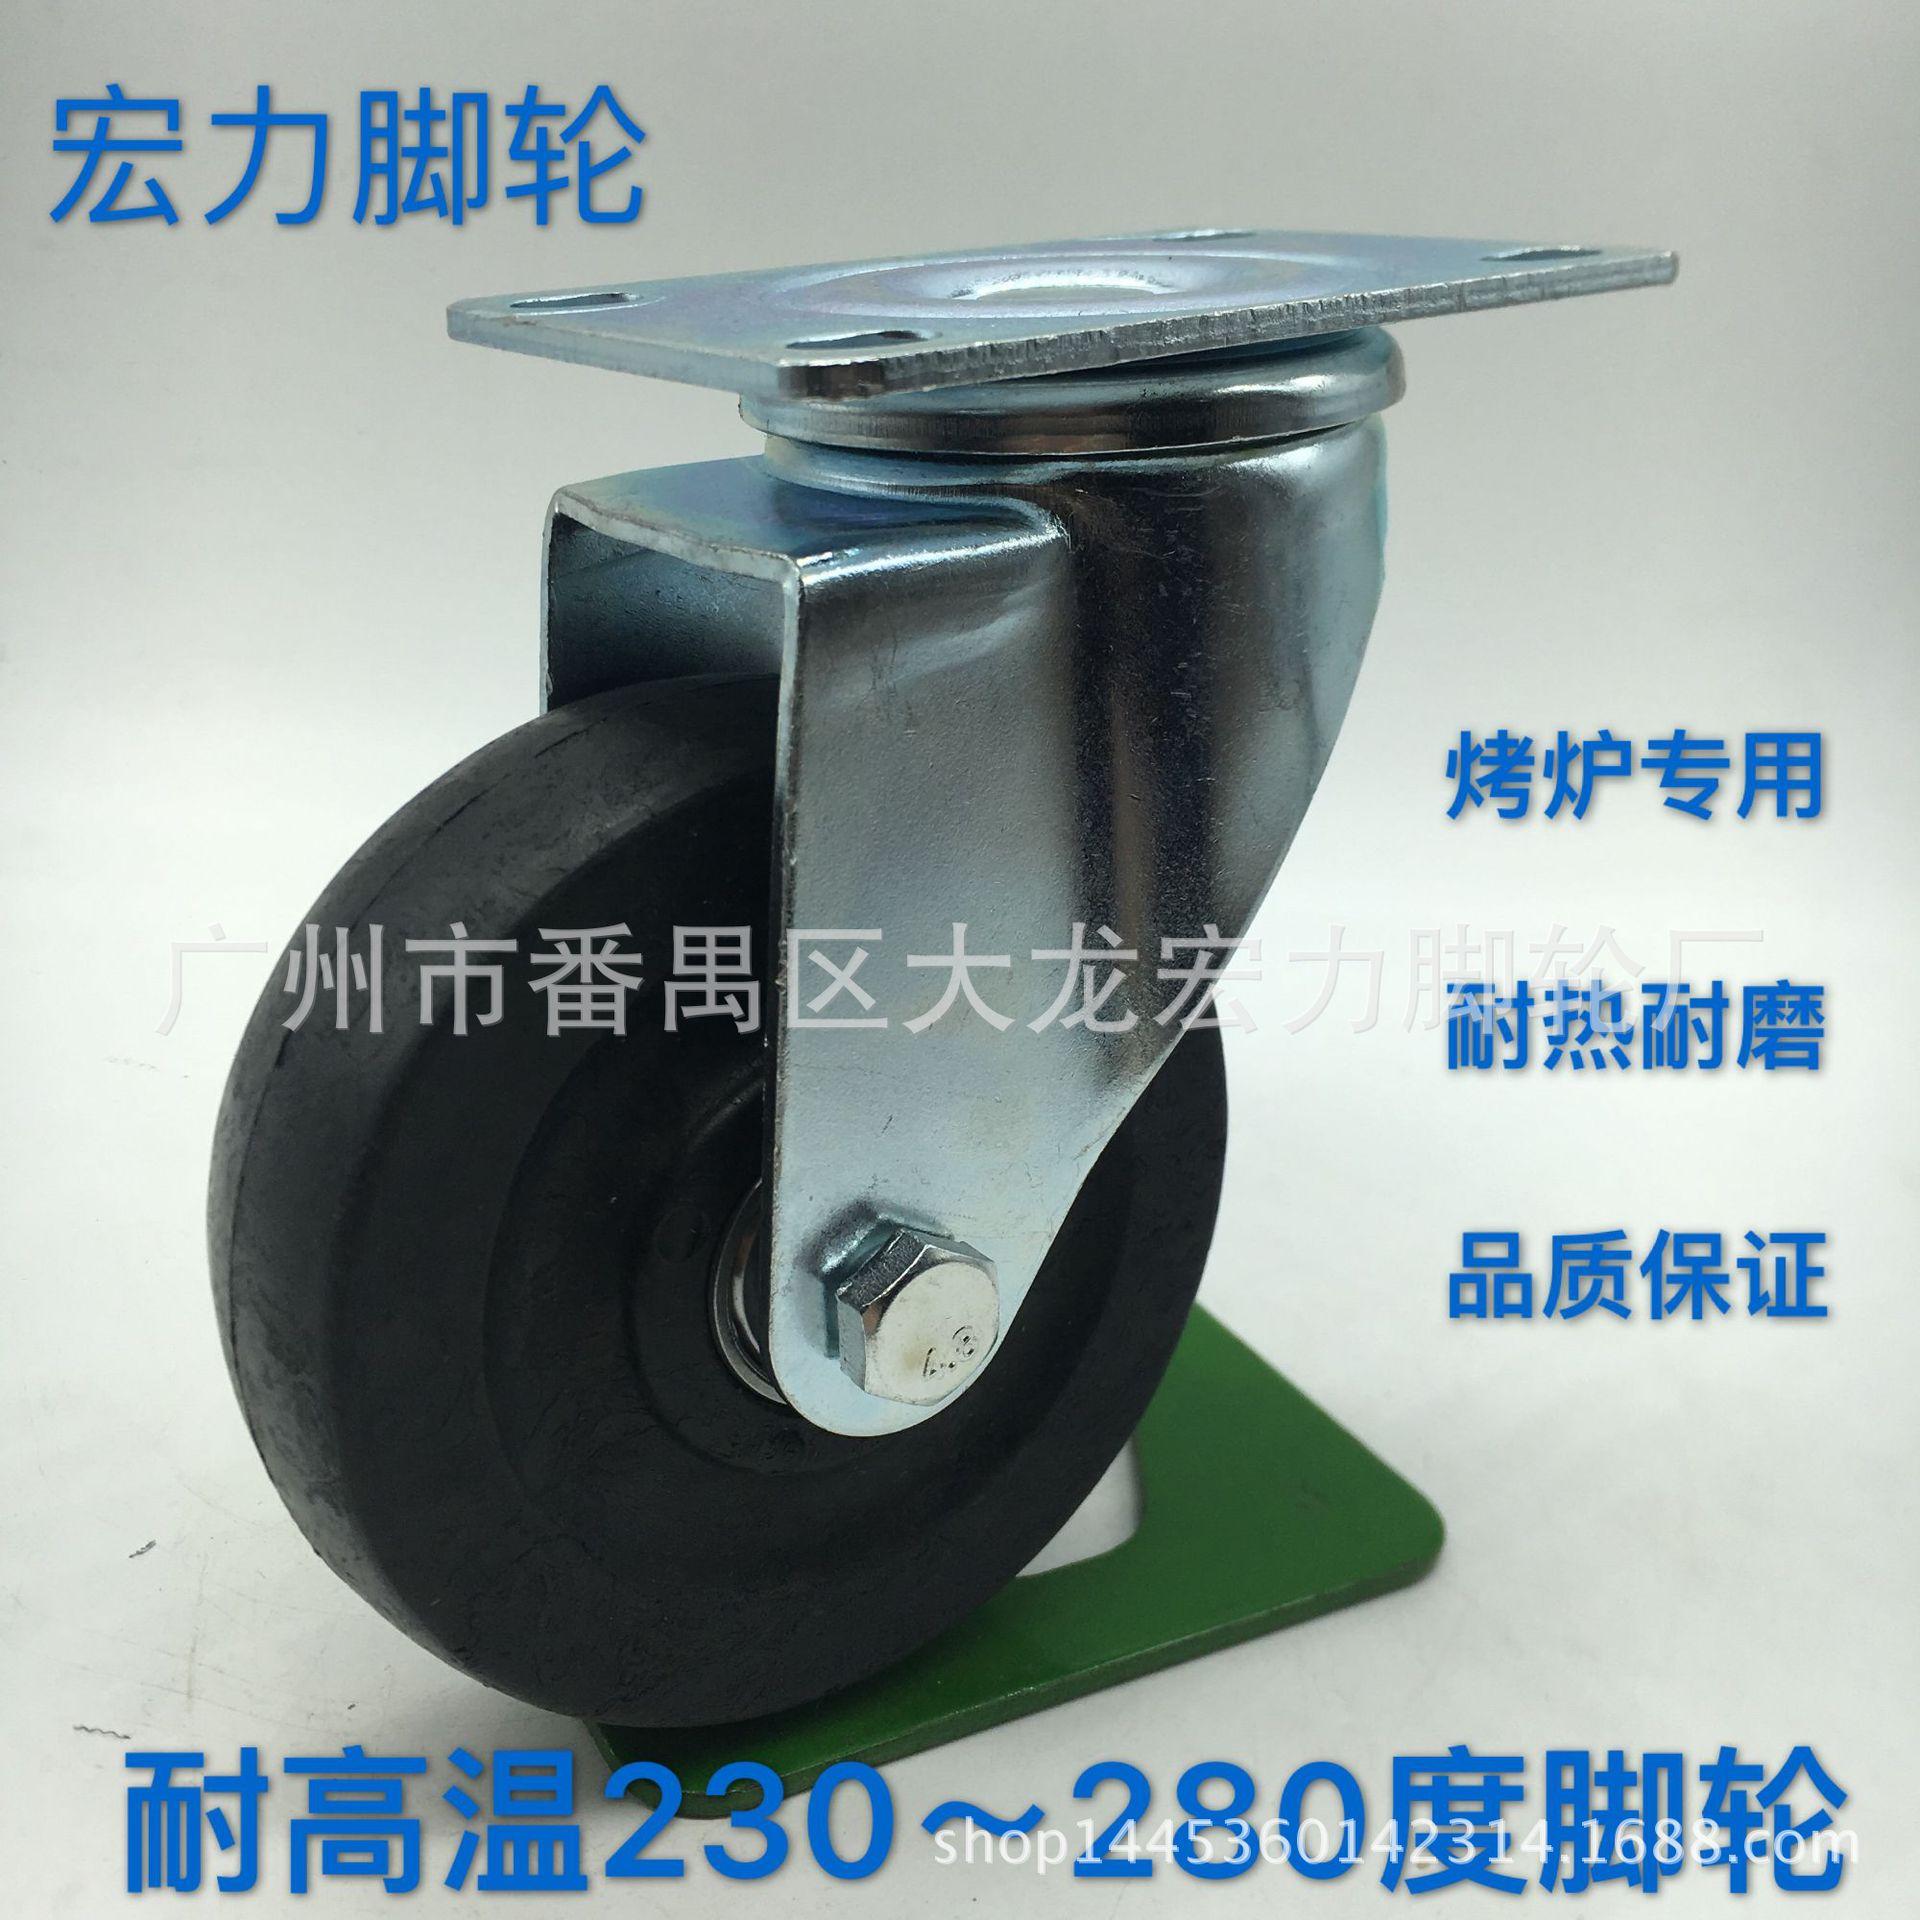 厂家供应3寸4寸5寸耐高温脚轮 3寸耐高温万向轮 烤箱烤炉专用脚轮